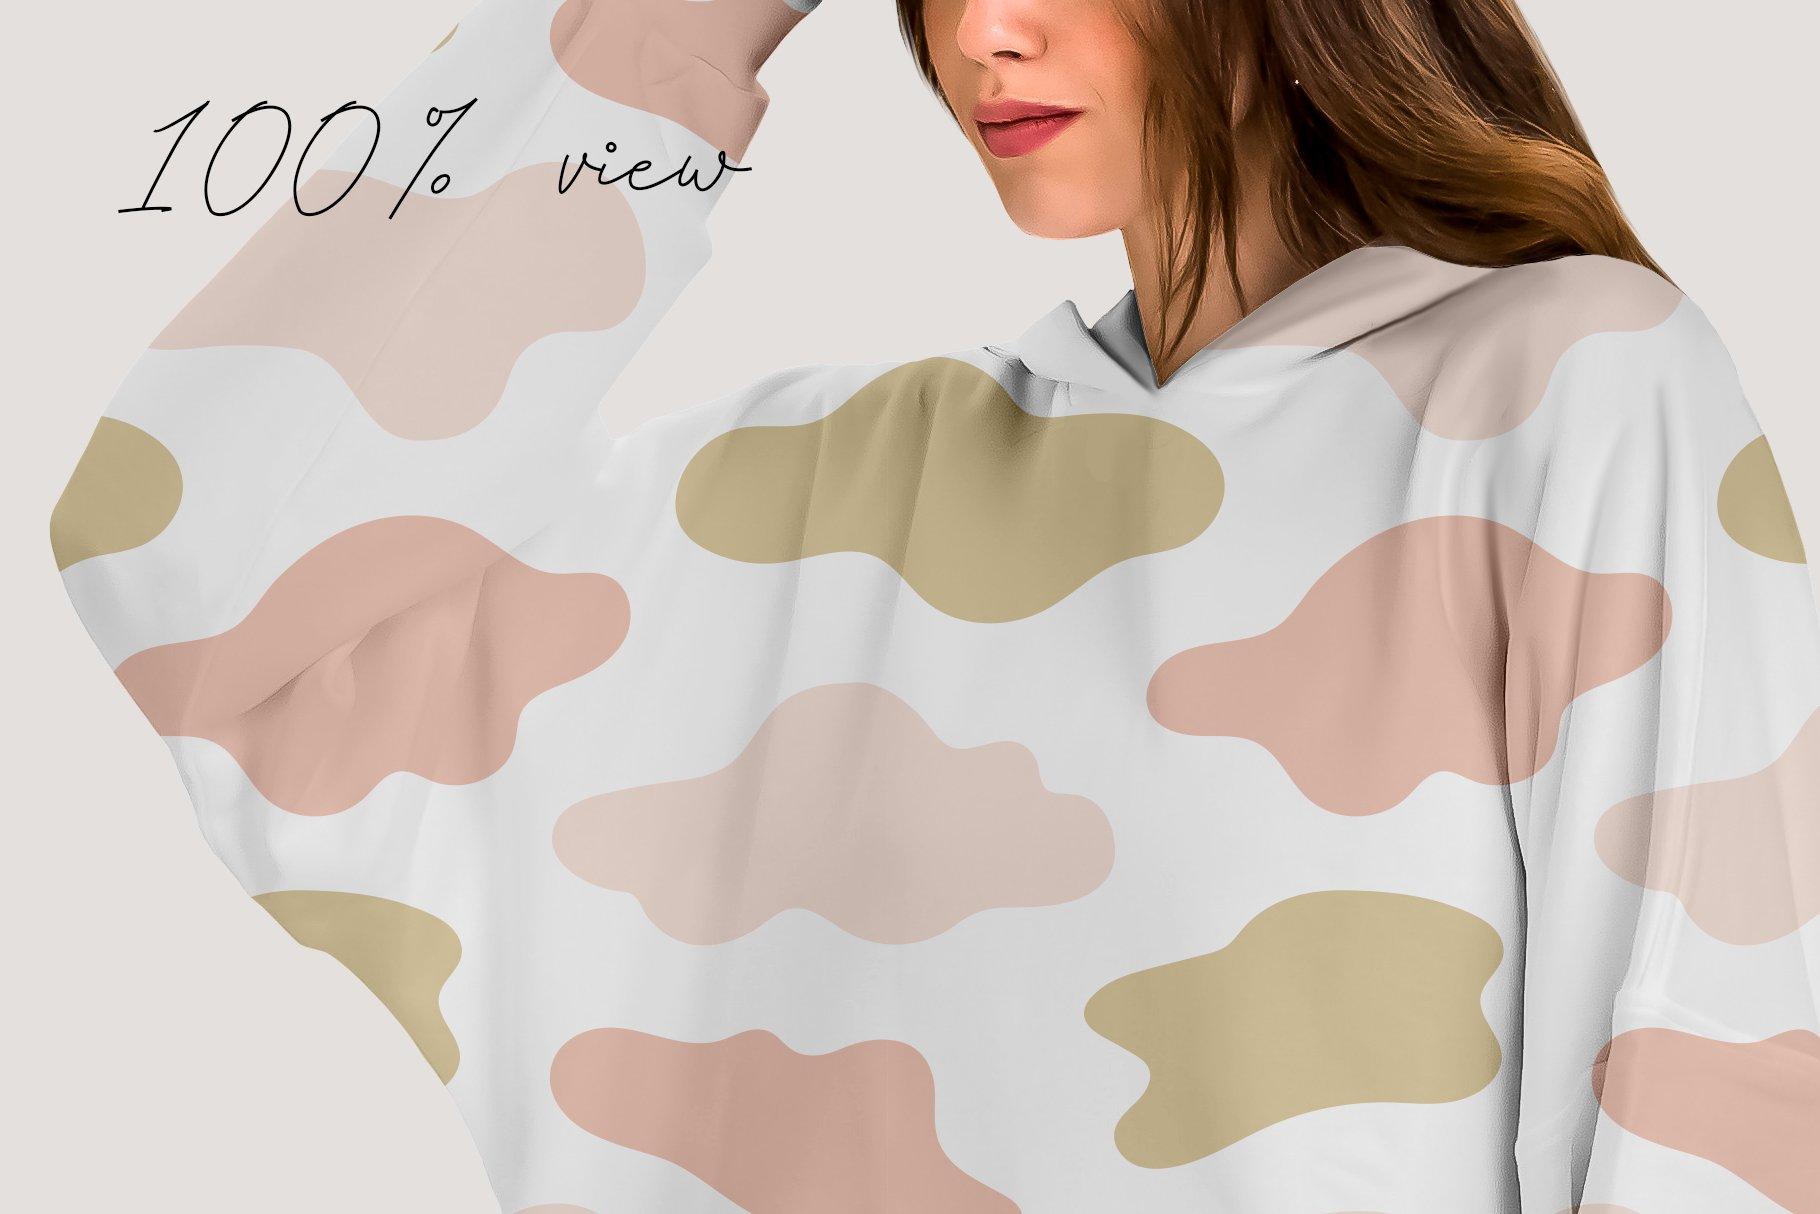 超大女式连衣帽卫衣印花图案设计展示贴图样机模板 Oversize Hoodie Mockup Templates插图3